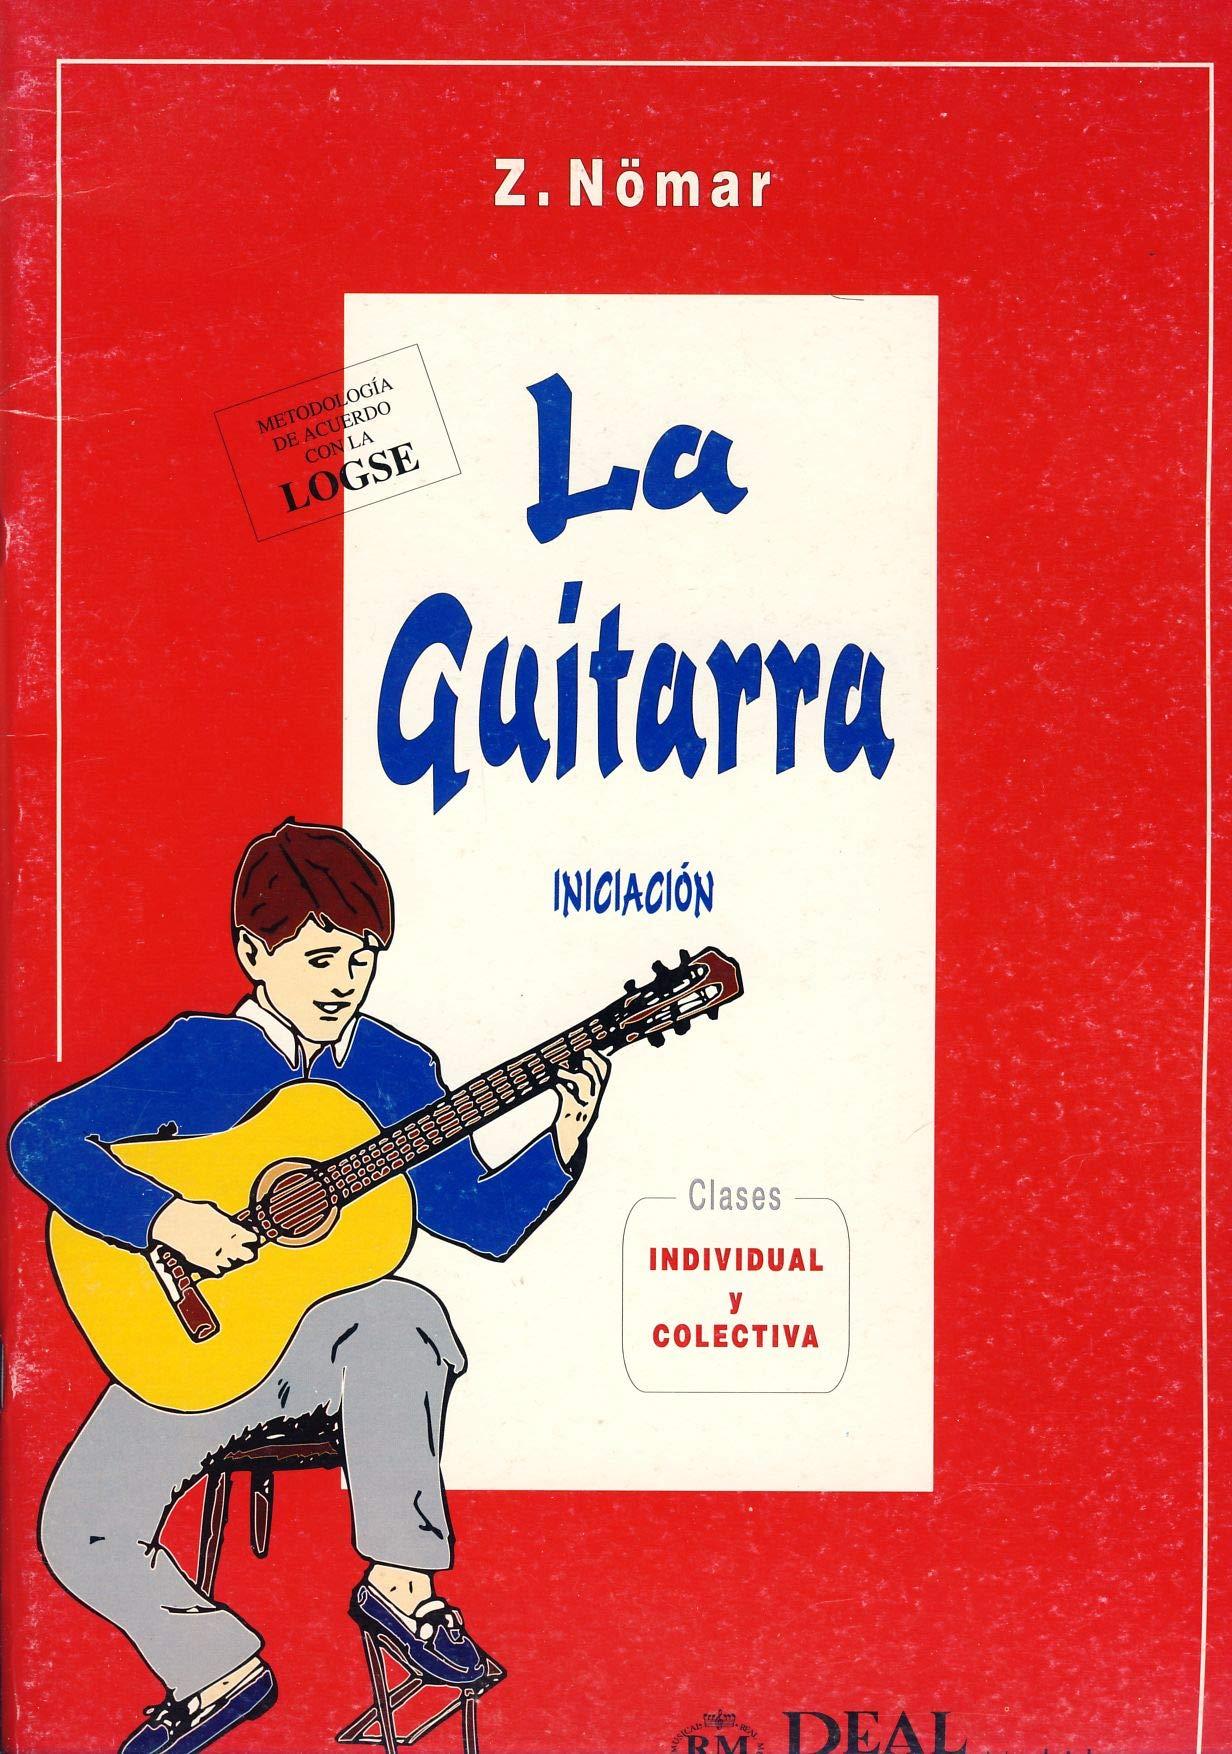 La guitarra: iniciacion: Amazon.es: Nomar, Z.: Libros